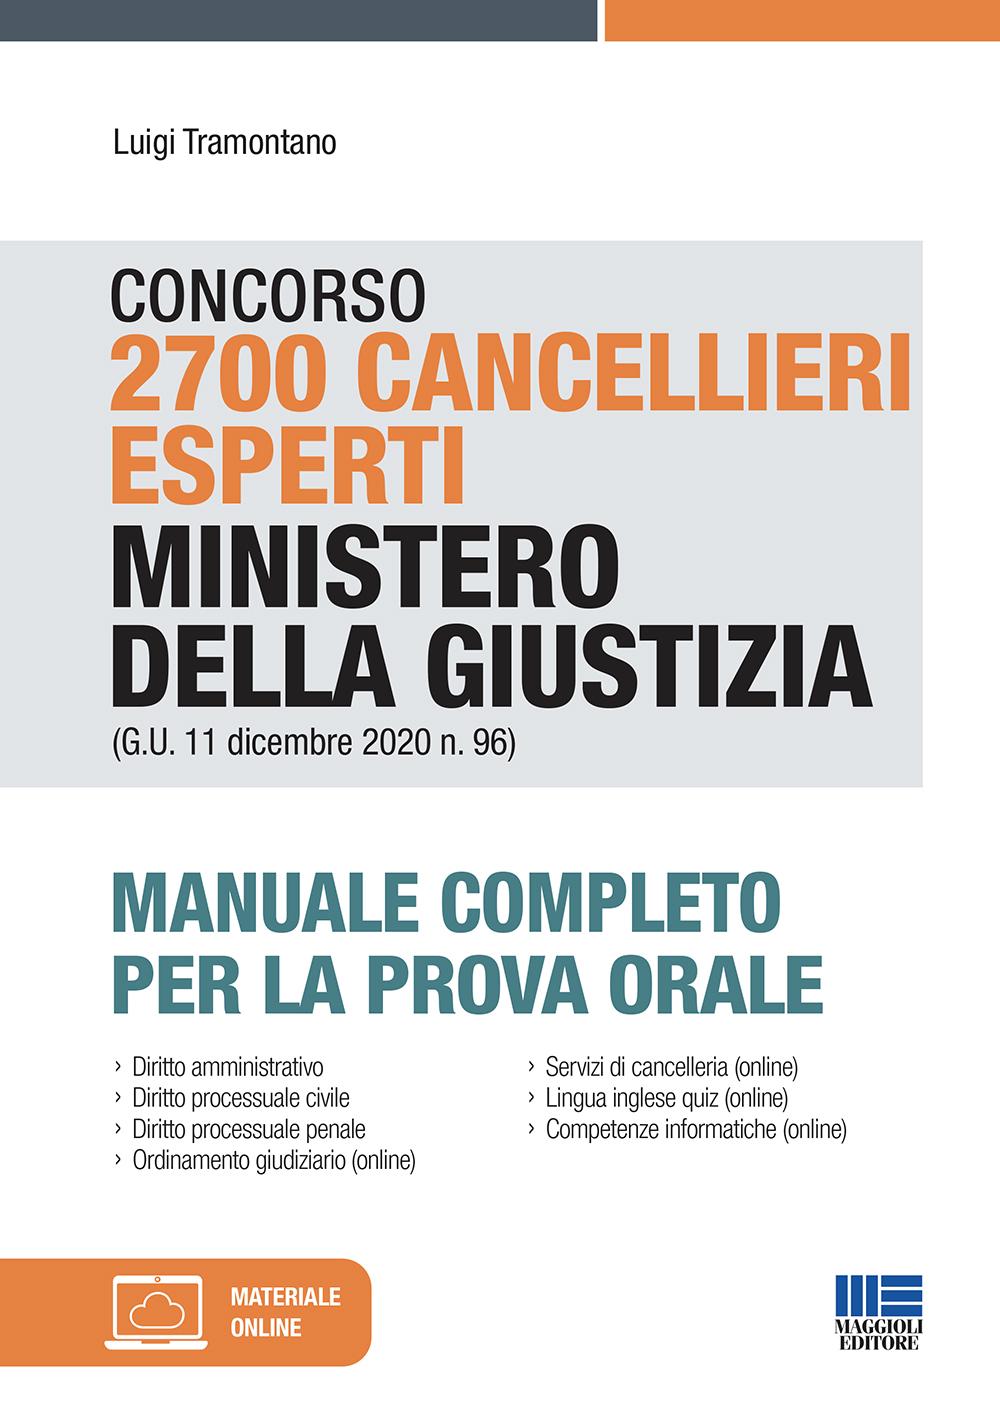 Concorso 2700 Cancellieri esperti Ministero della Giustizia (G.U. 11 dicembre 2020 n. 96)